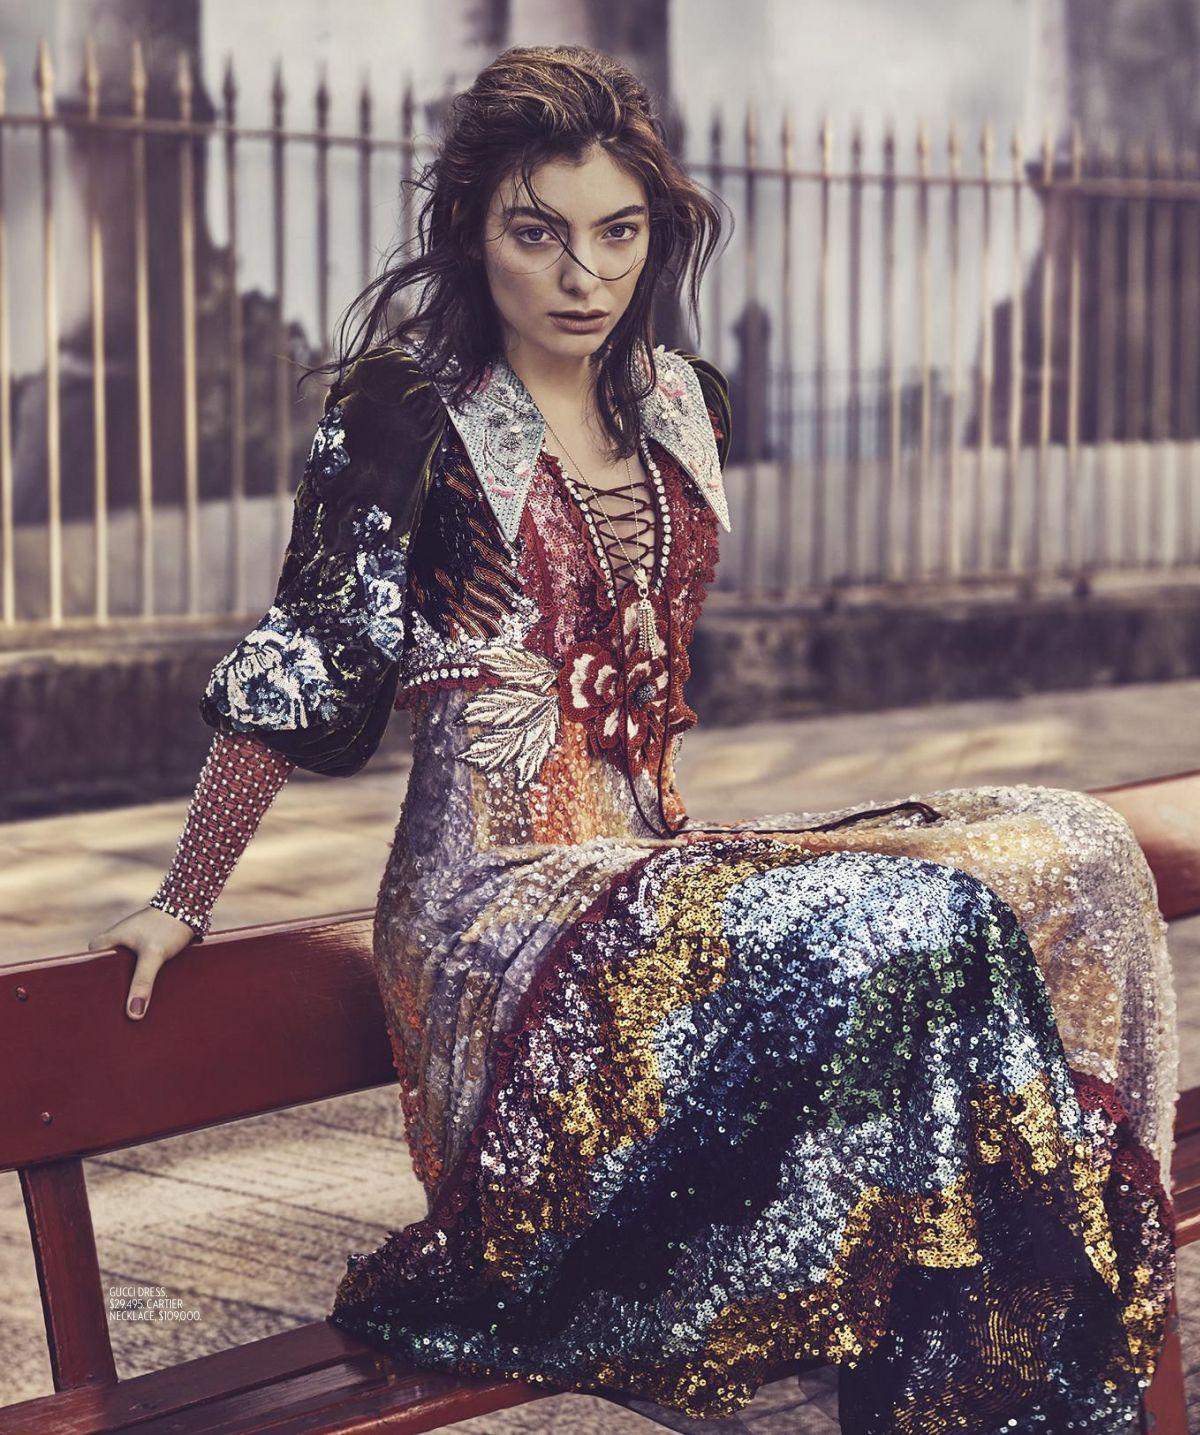 Lorde 50.jpg